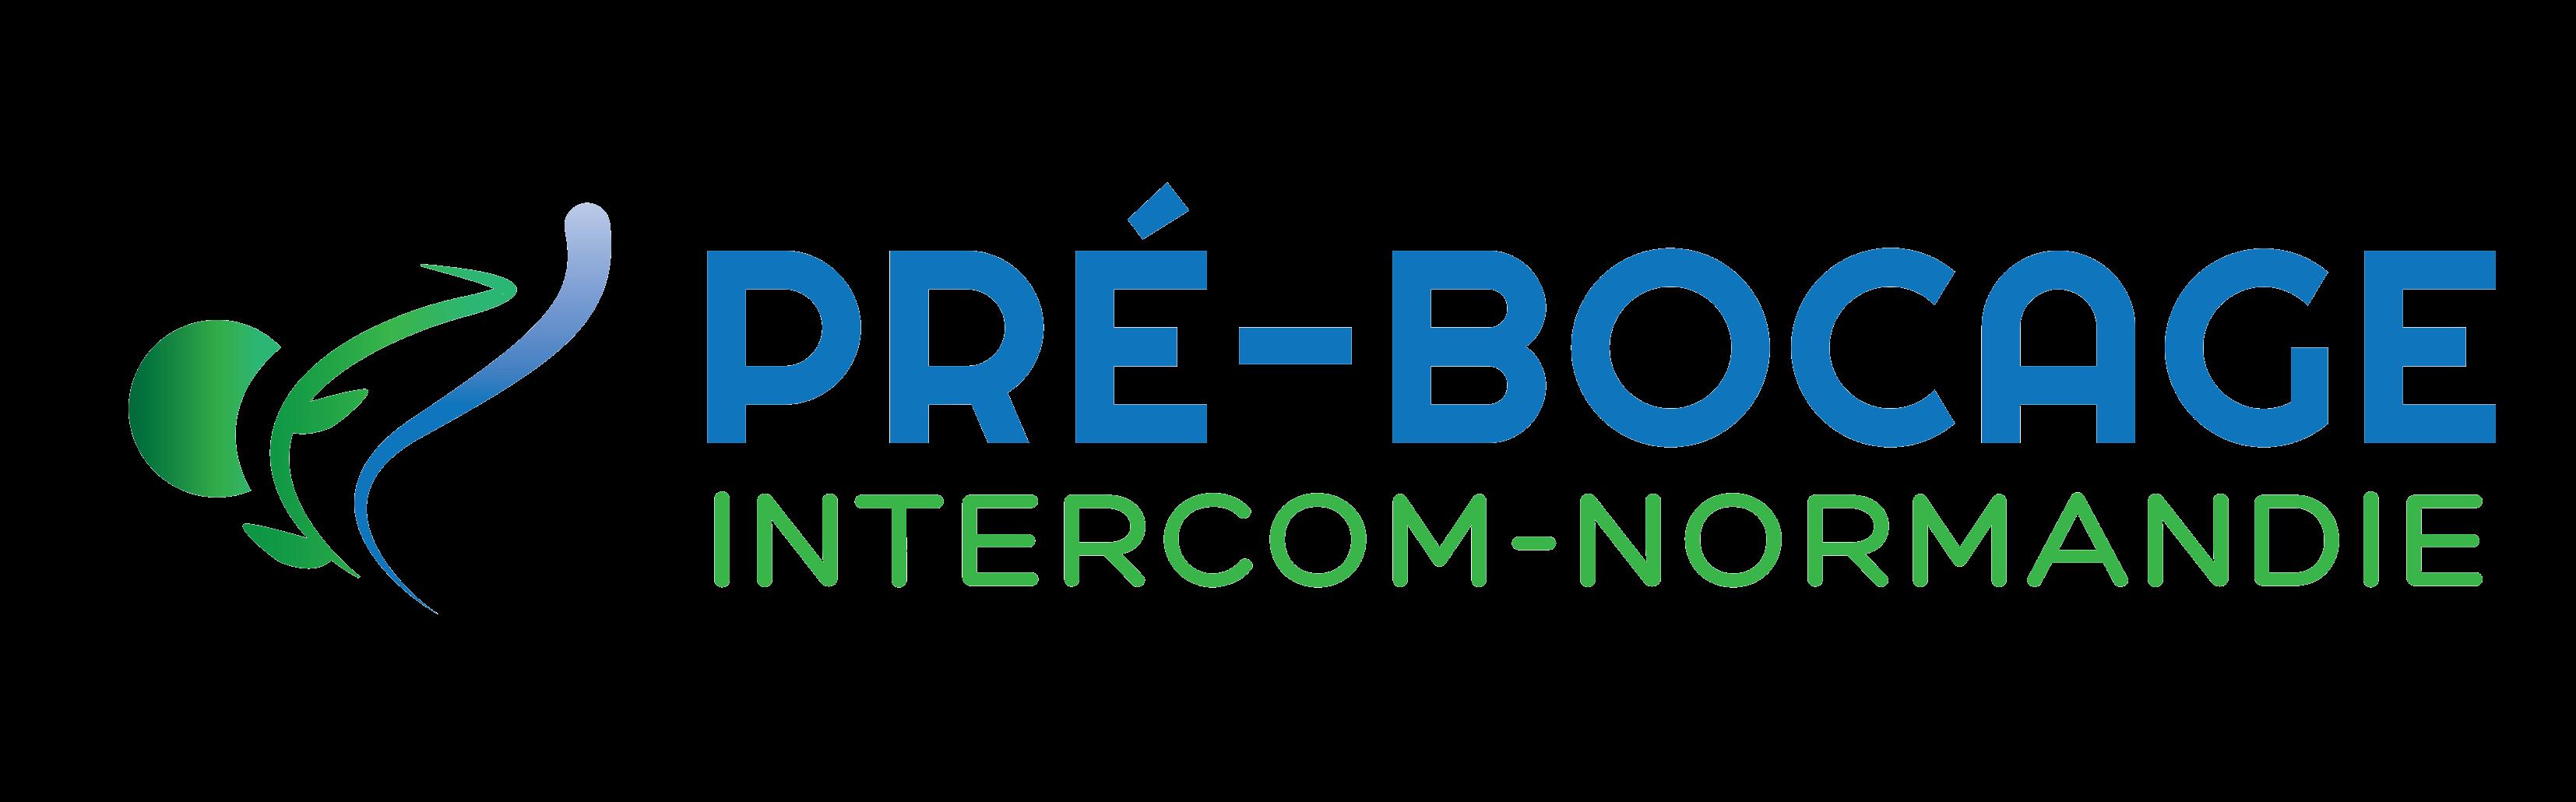 Logo Prebocage Intercom